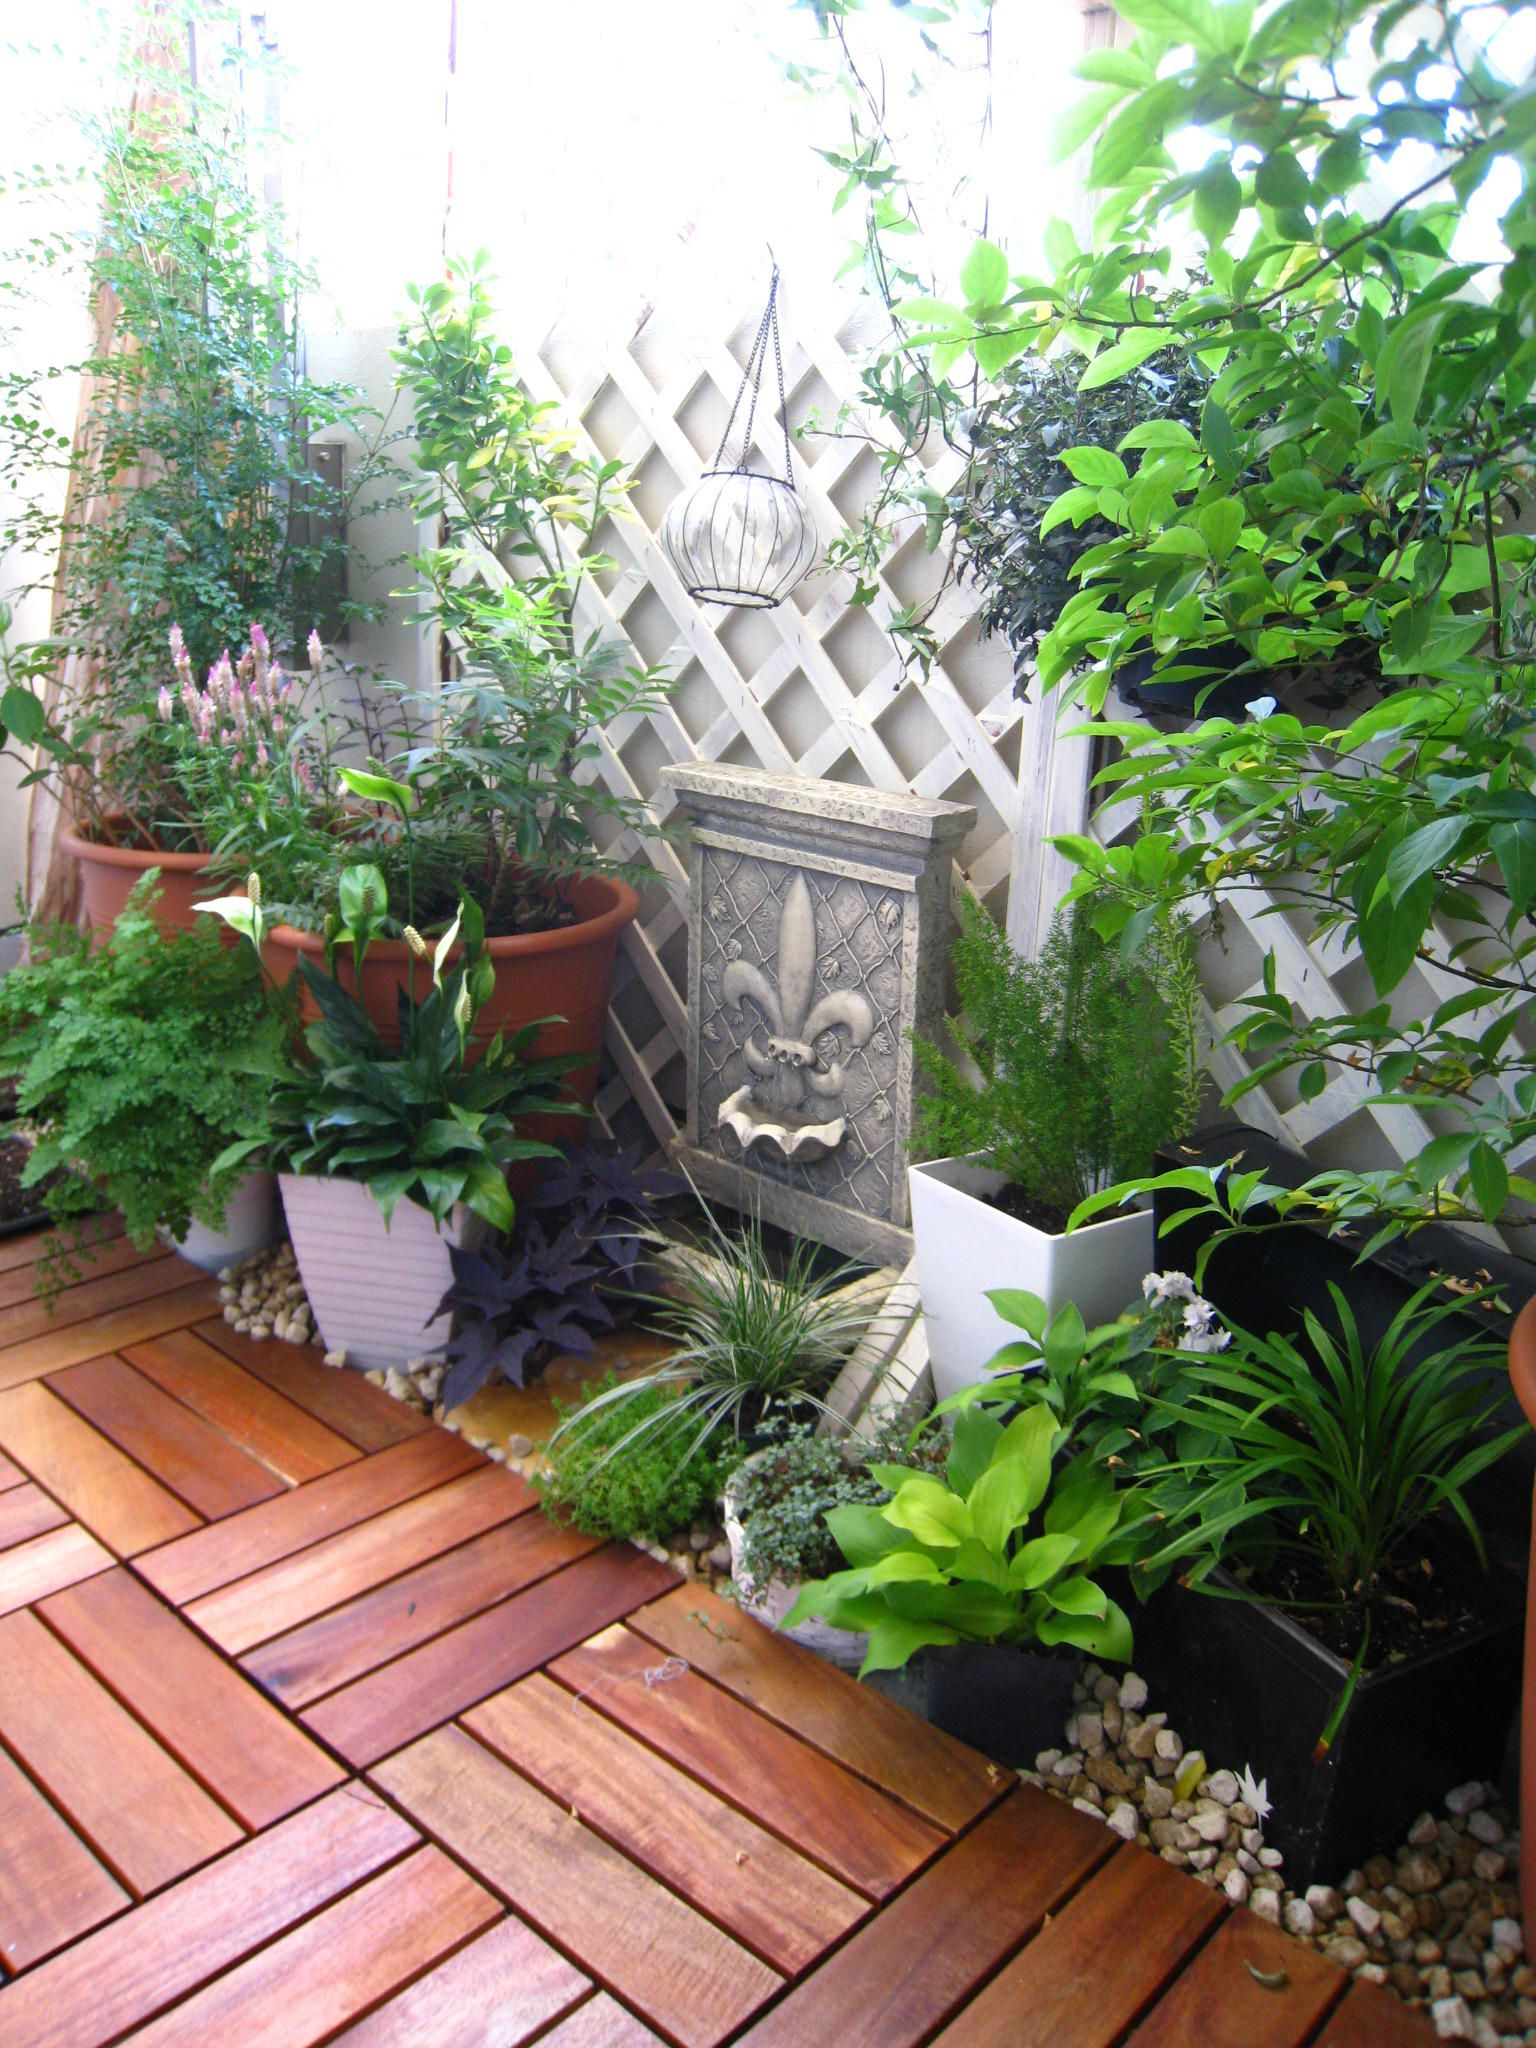 ベランダガーデニング 長崎の無名のガーデナーの庭ブログ 狭い